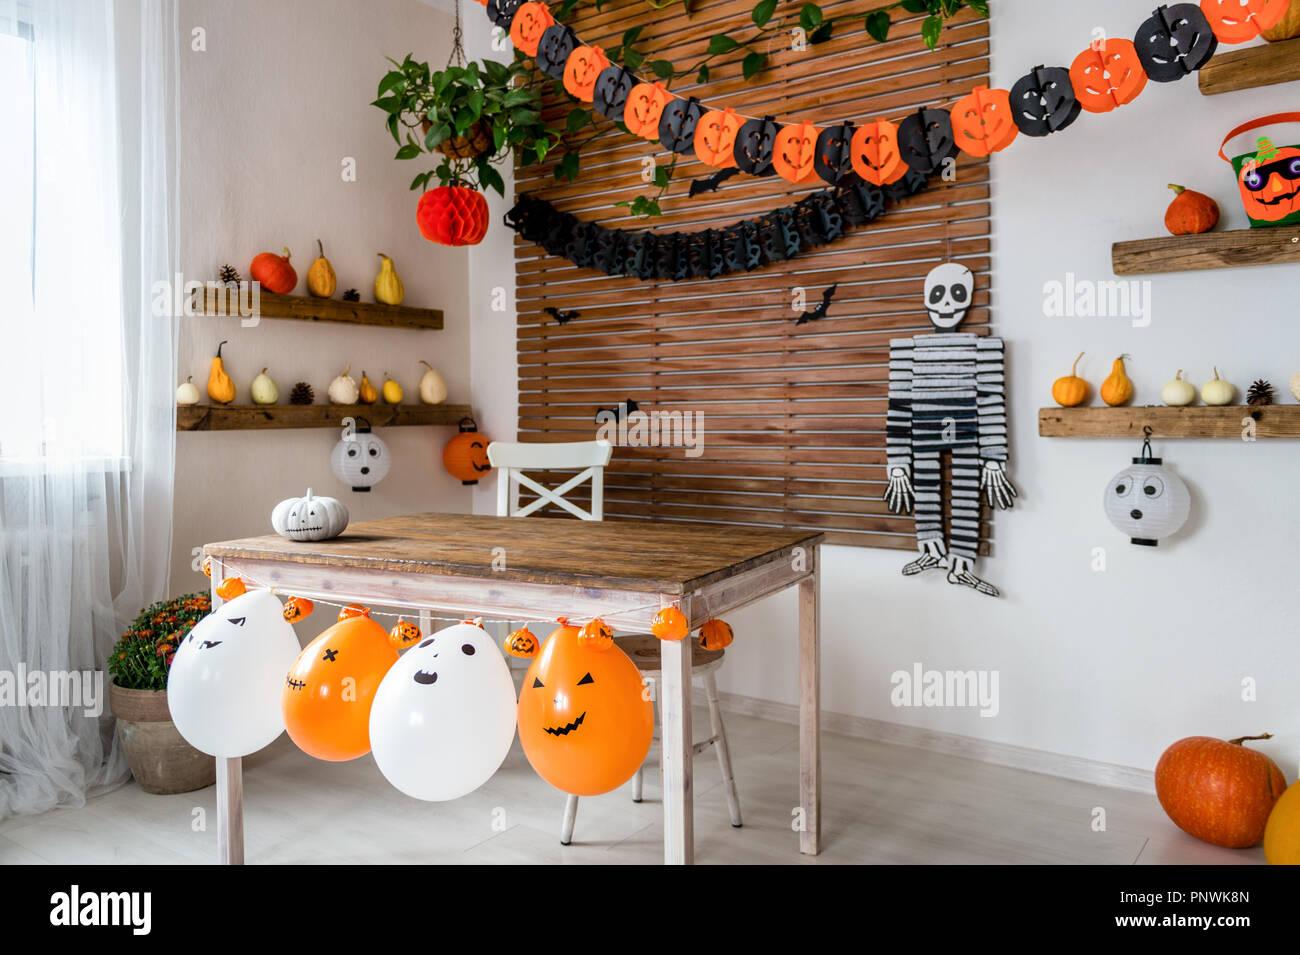 Theme De L Halloween Decore La Salle De Sejour Saison Halloween Style Maison De Famille De L Interieur Decorations Halloween Traditionnel Arriere Plan Photo Stock Alamy